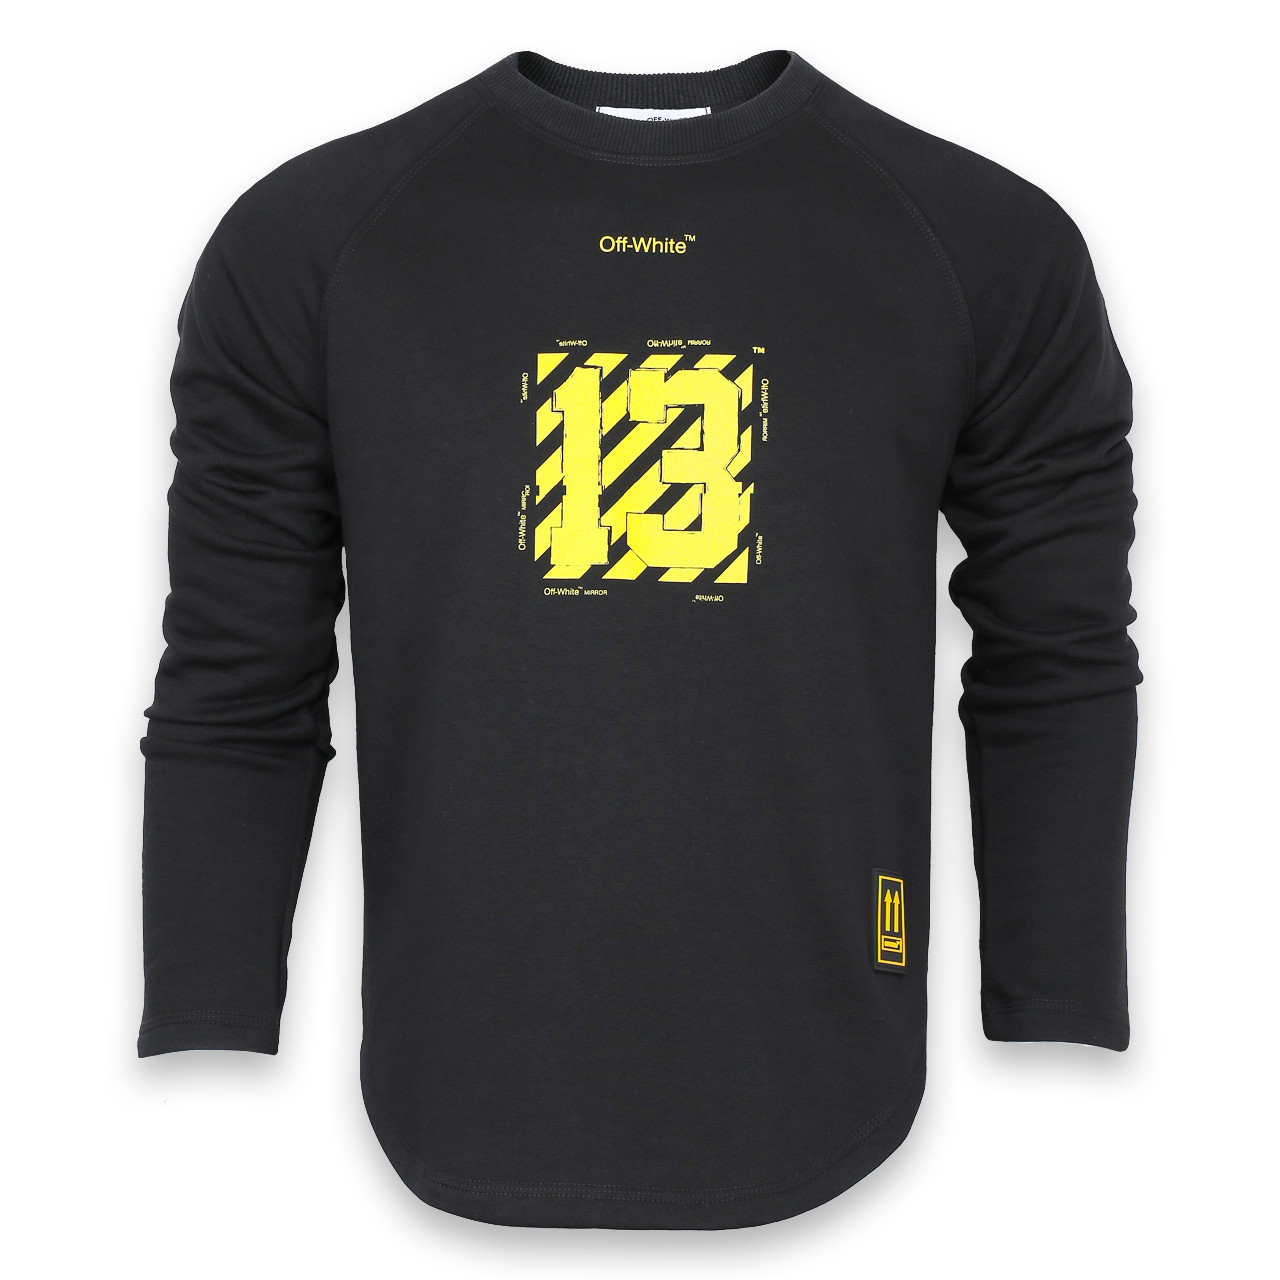 Свитшот мужской черный с желтым OFF-WHITE №13 Р-2 BLK L(Р) 19-503-201-001